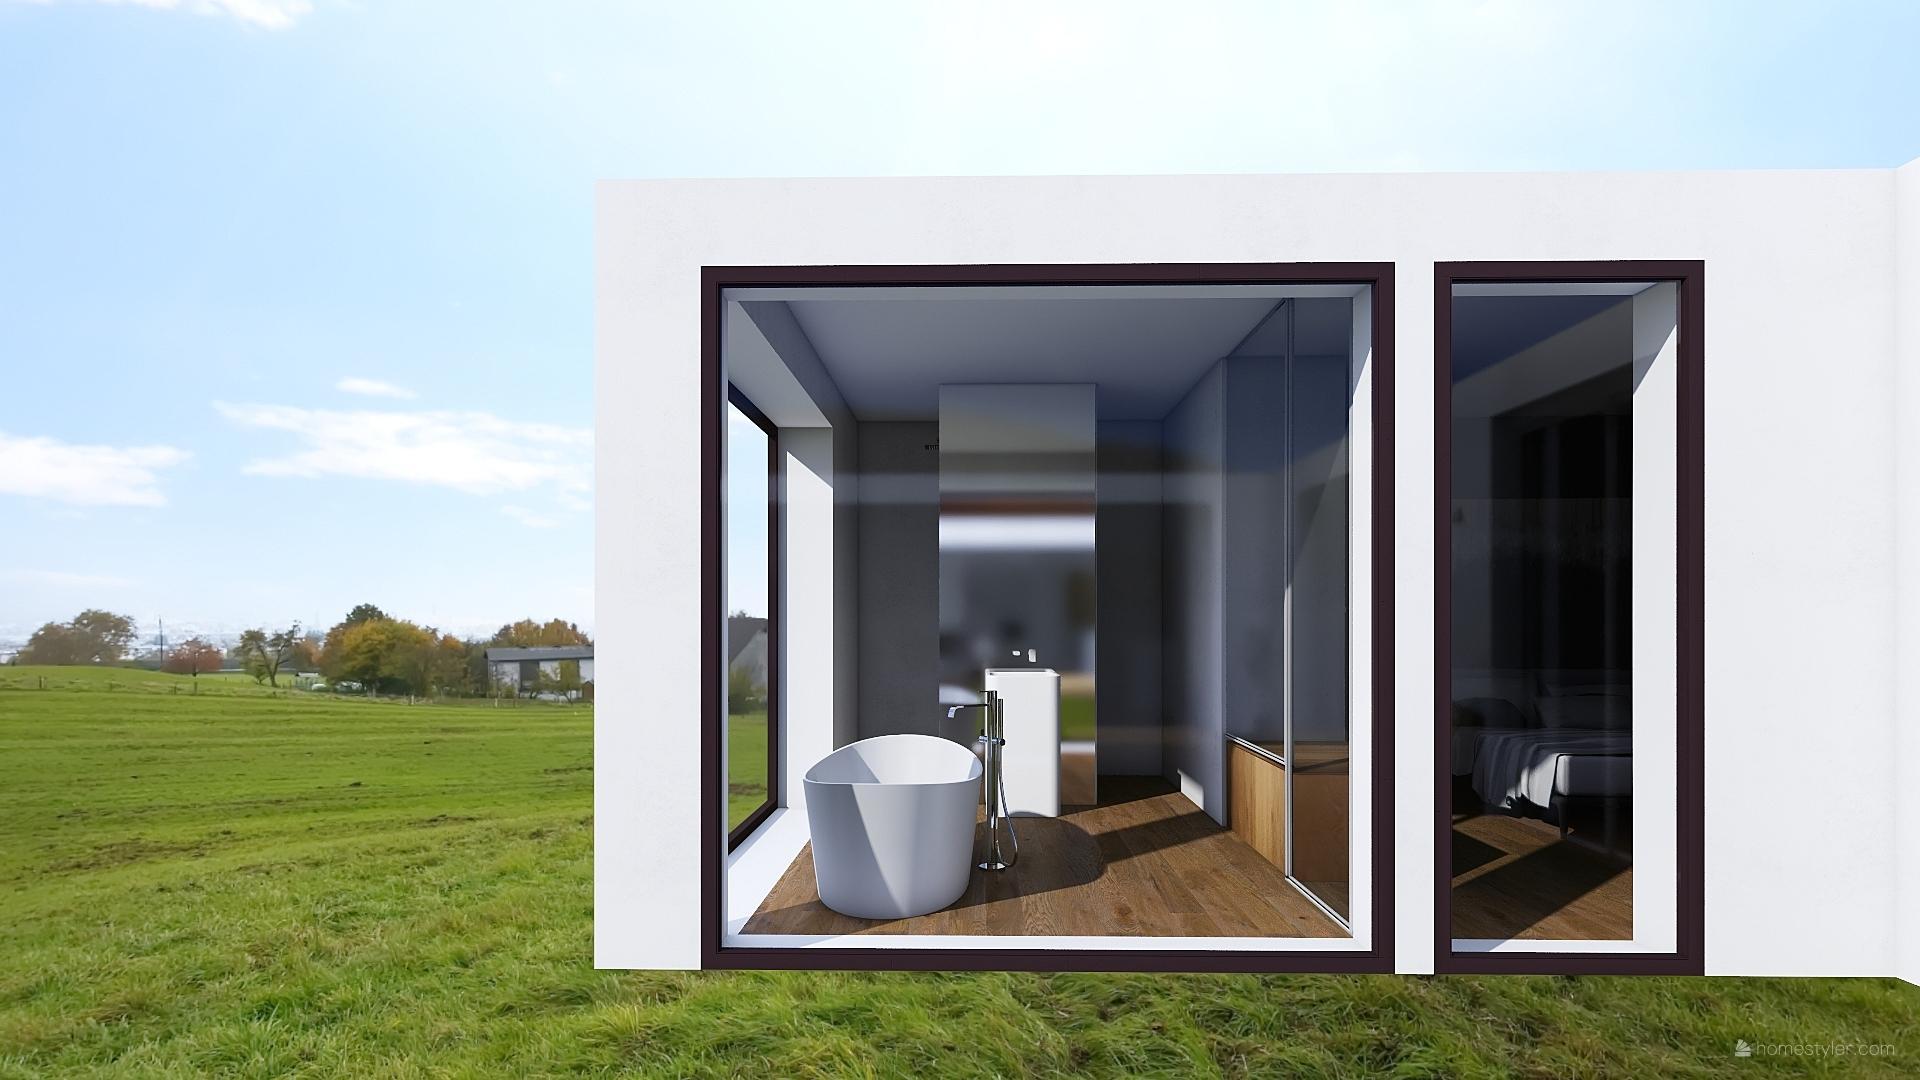 Mé dokonale nedokonalé vizualizace našeho budoucího domu - Koupelna u ložnice, vysněná vana s výhledem ven. WC a sprchový kout z každé strany schovaný za stěnou s umyvadlem.